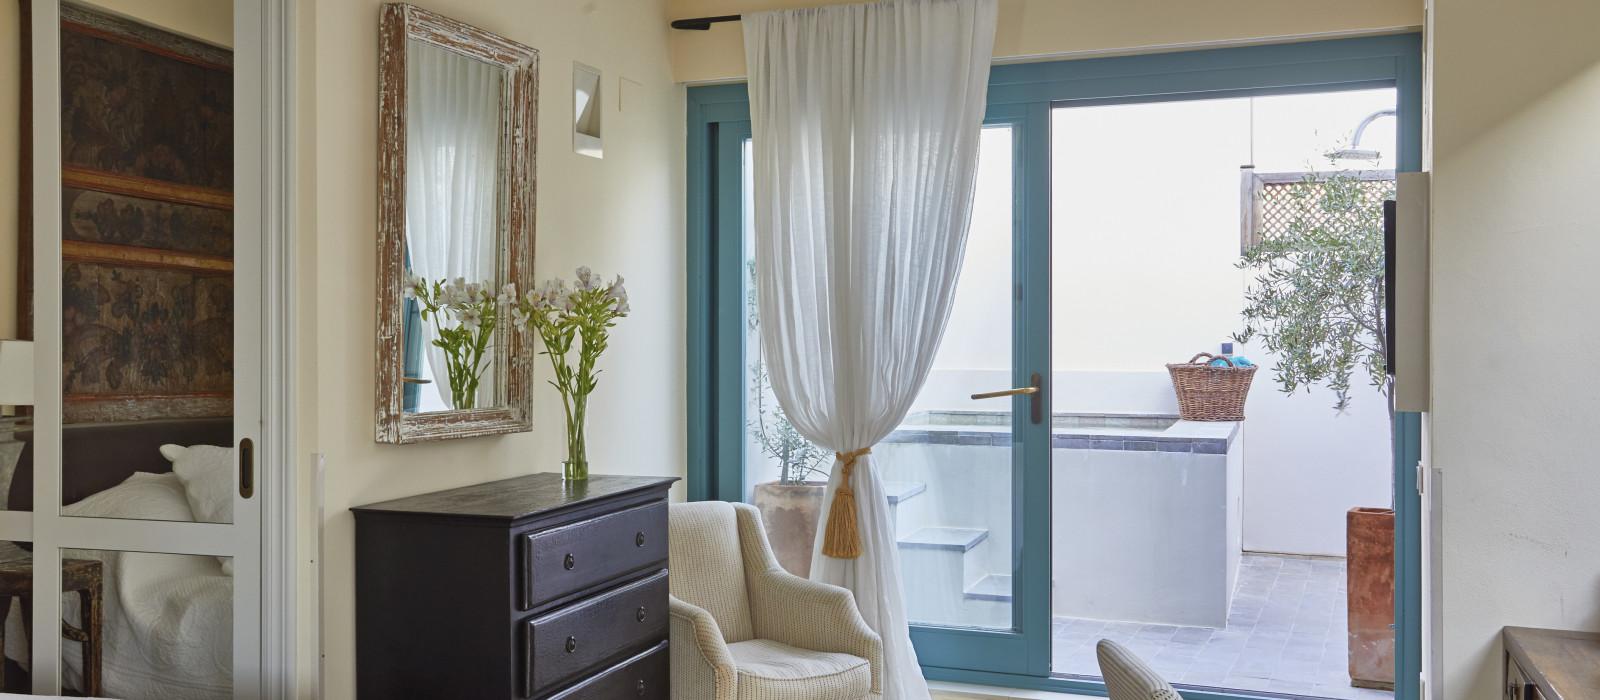 Hotel Corral del Rey Spain